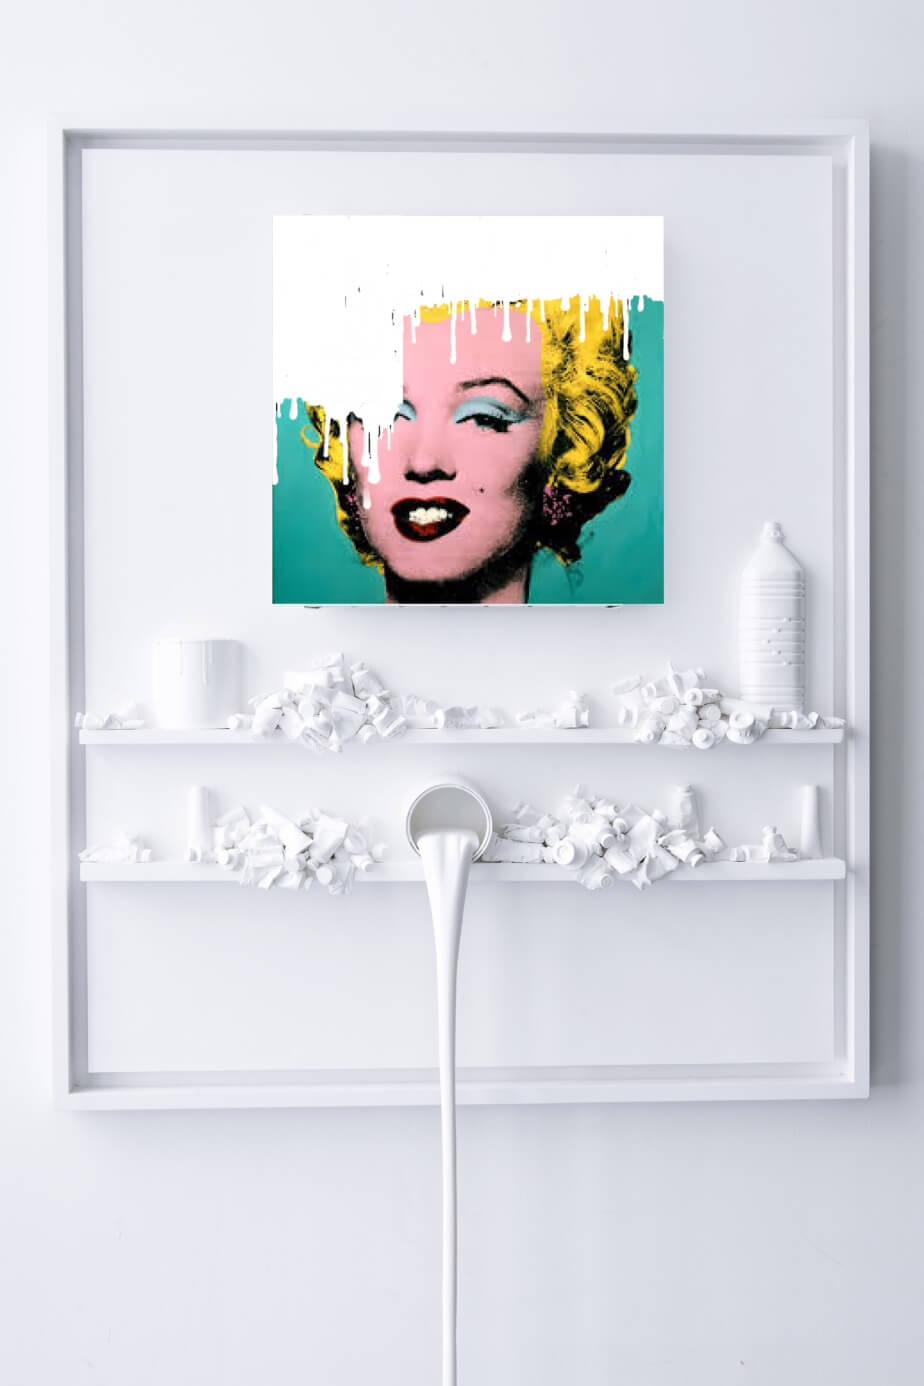 Flow – Marilyn - Paul Sibuet - Eden Gallery